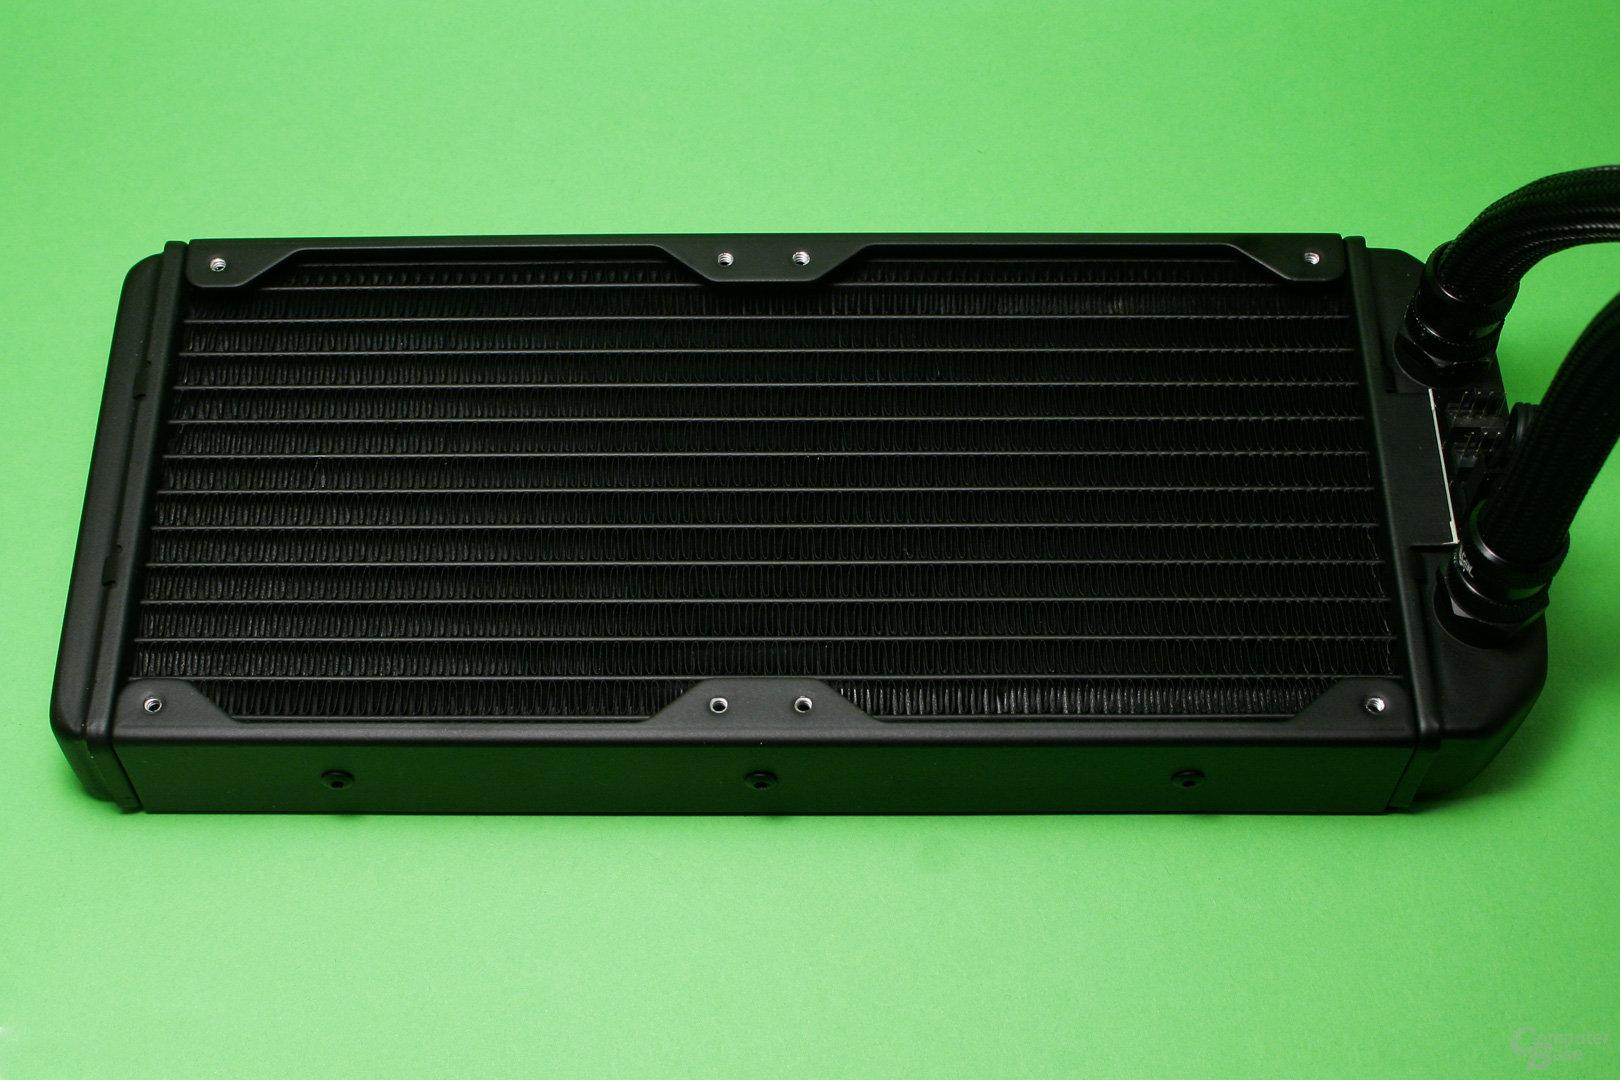 Fractal Design Celsius S24: 240er-Radiator mit einer Tiefe von 30 mm